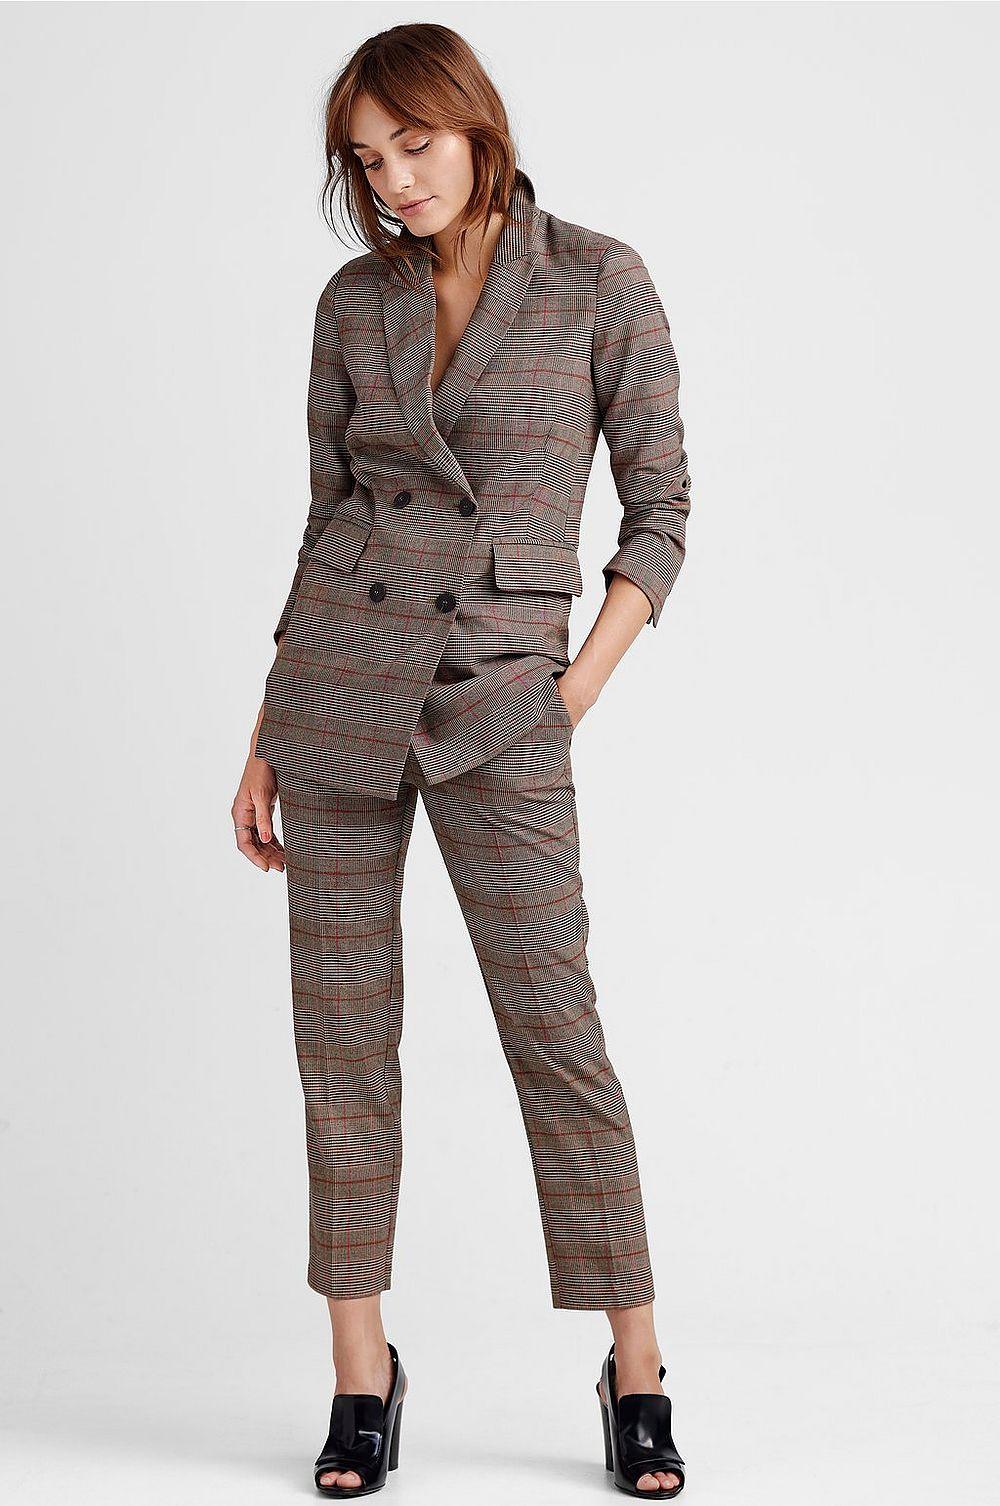 billigt ternet jakkesæt til kvinder